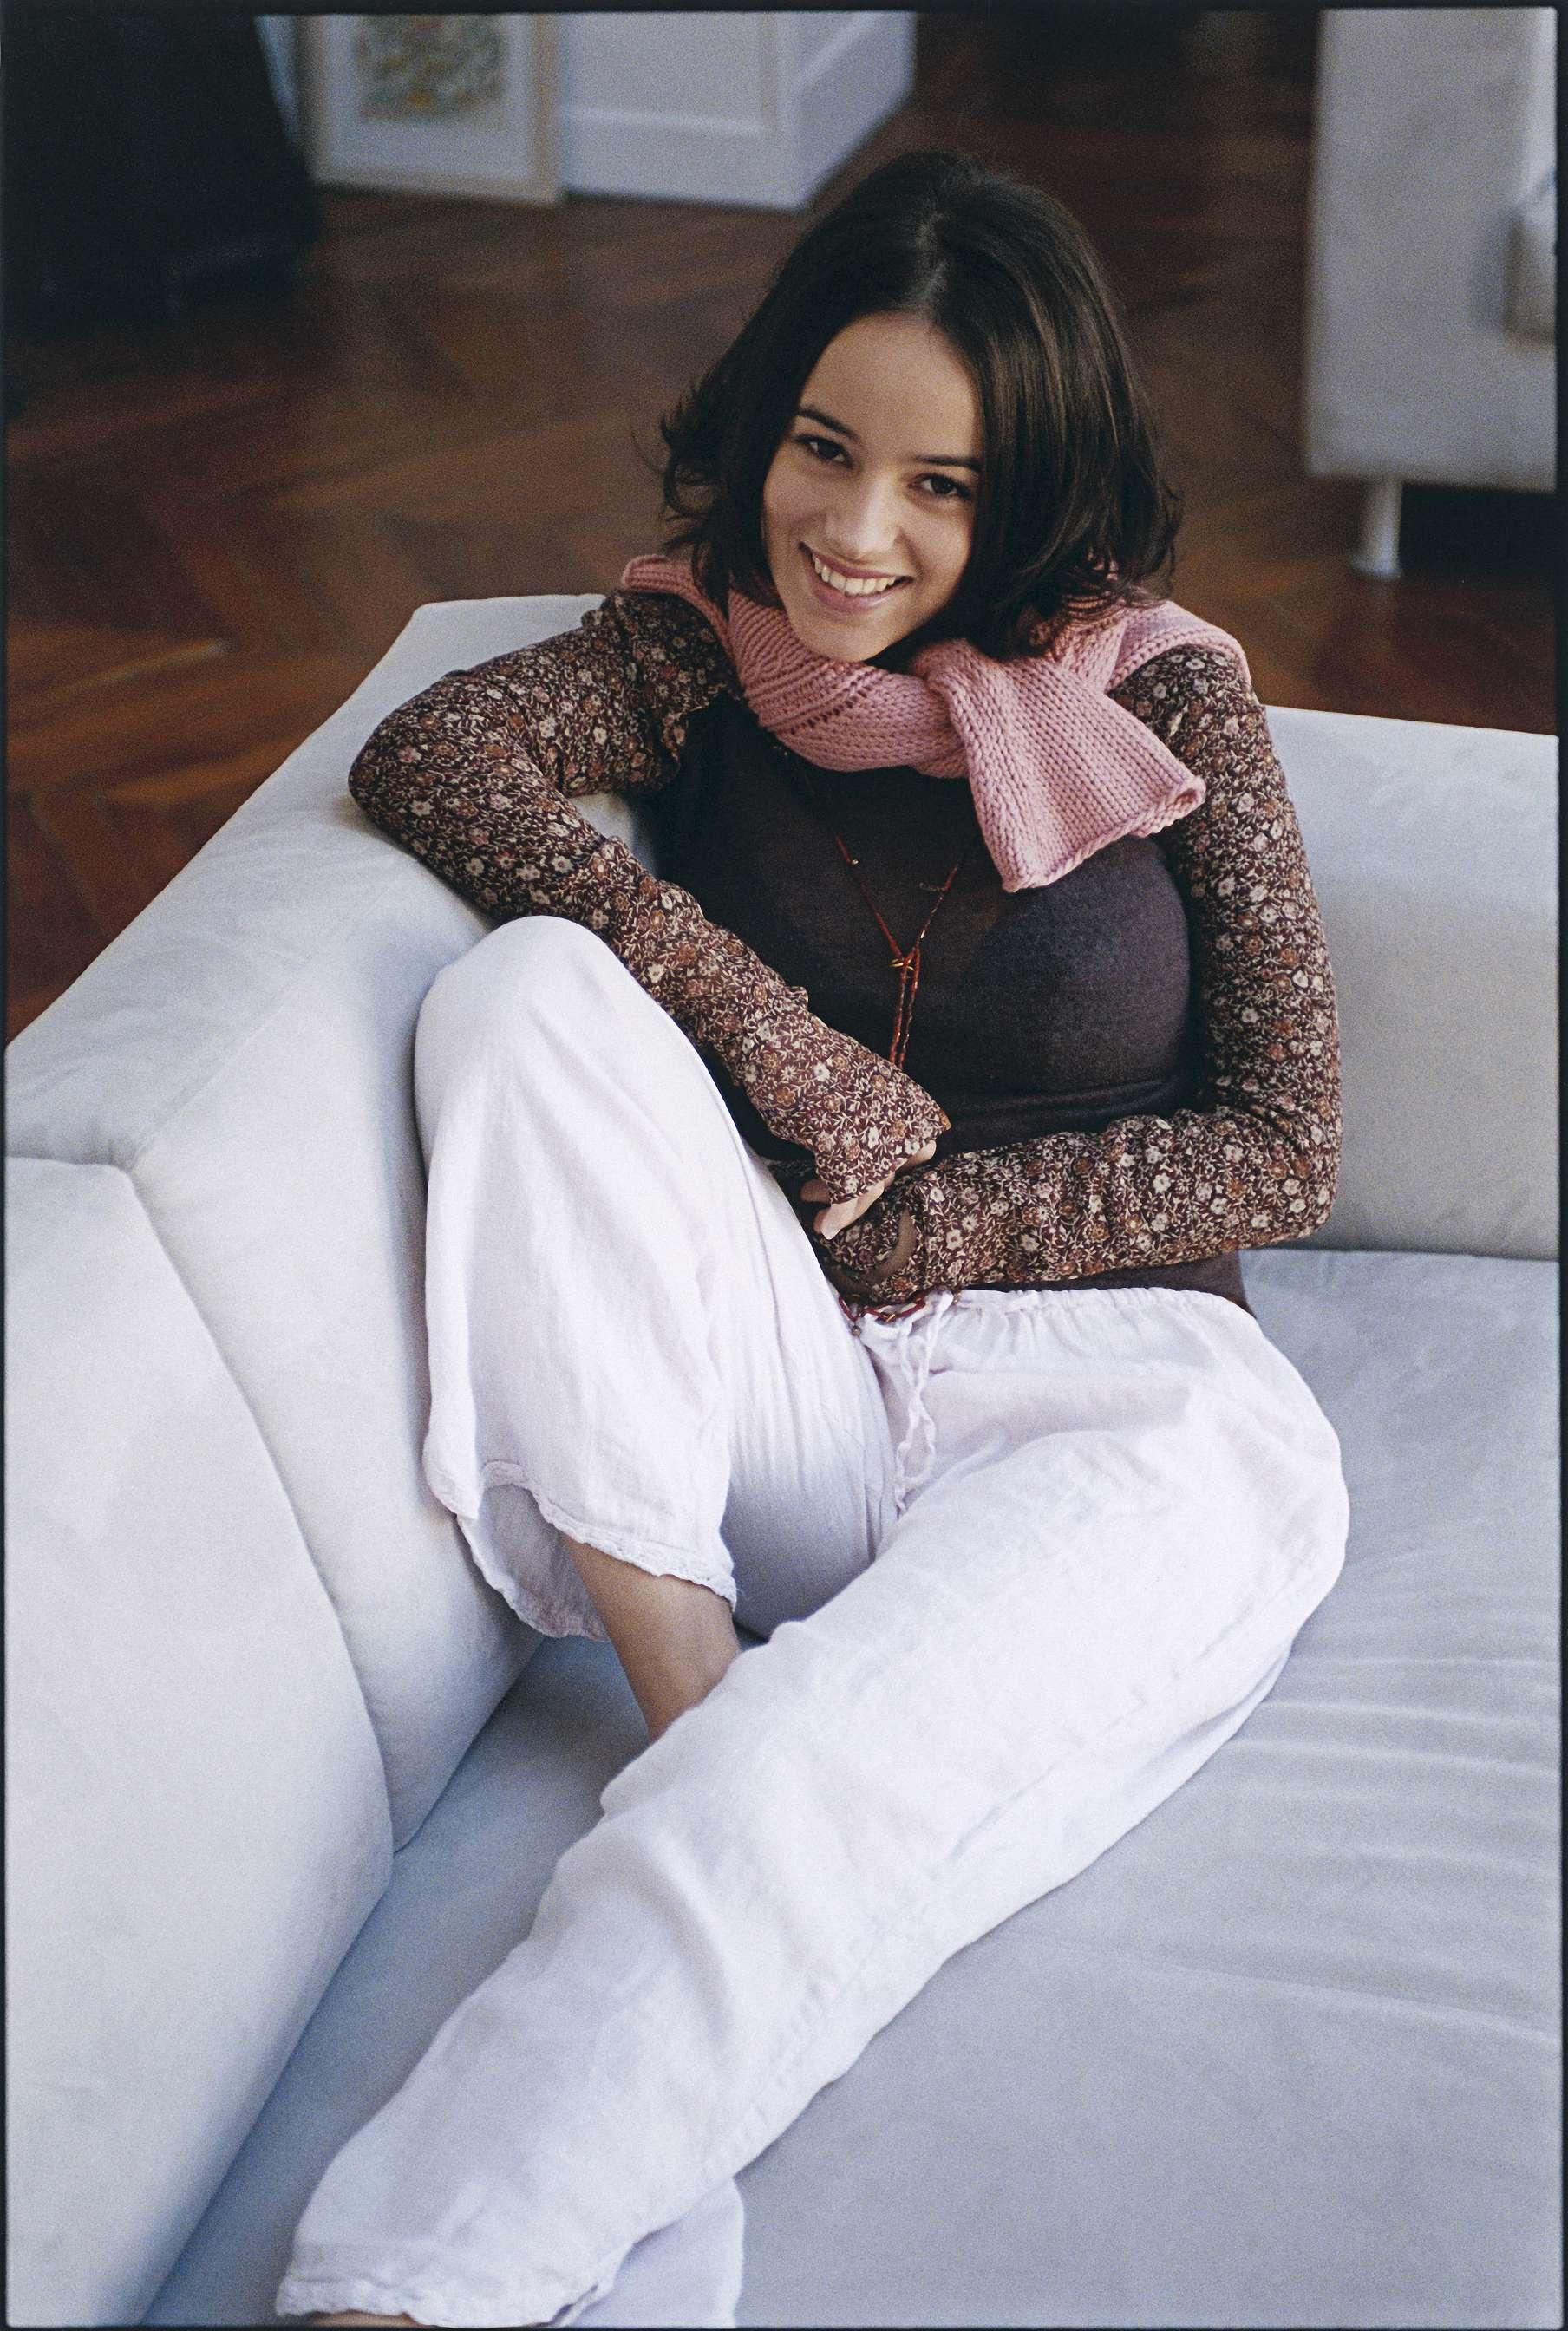 Фото французской певицы ализе голой